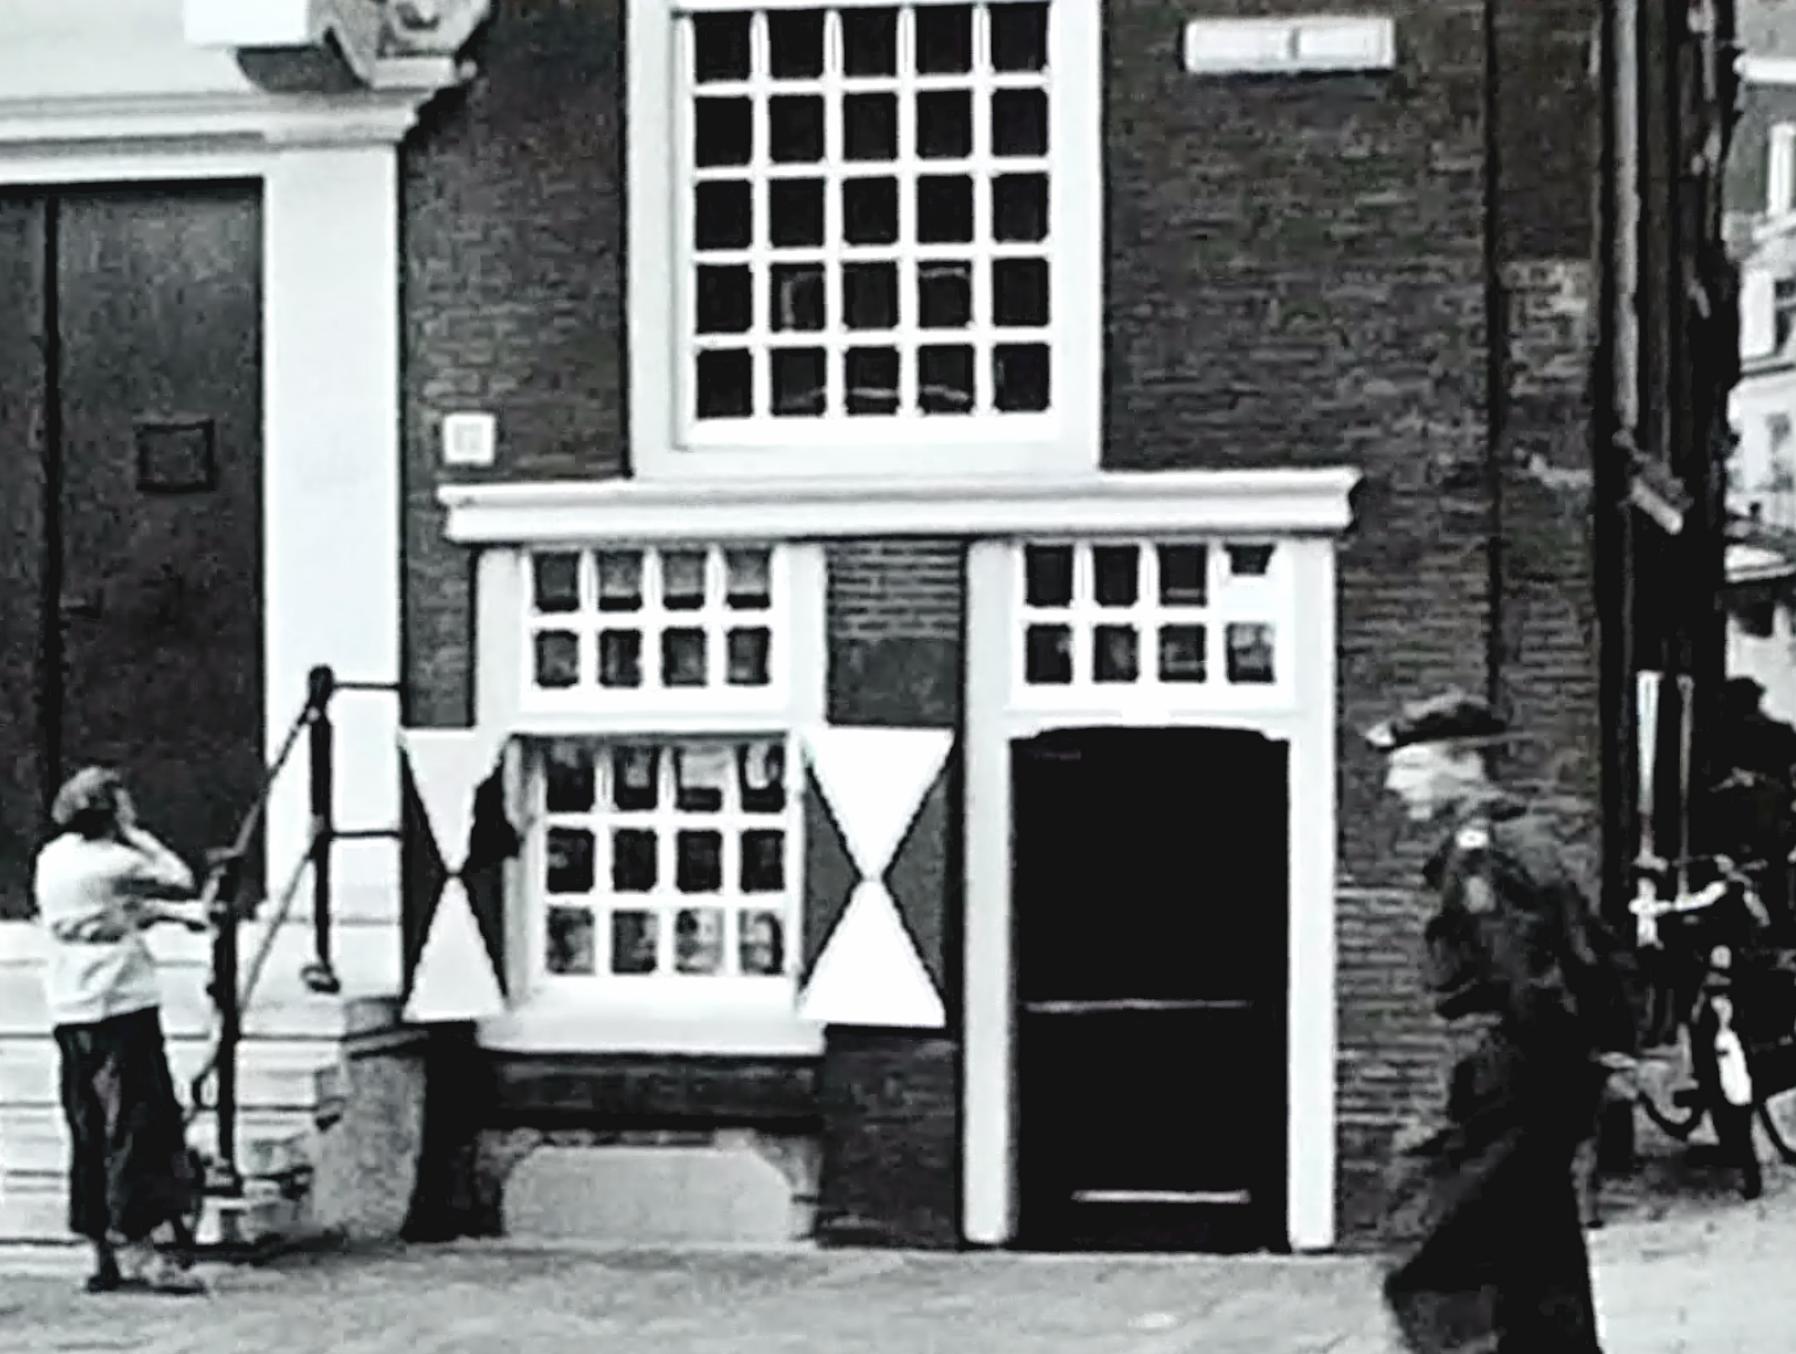 Bewegend Verleden: rondom de Grote Markt in Haarlem, 1957 [video]